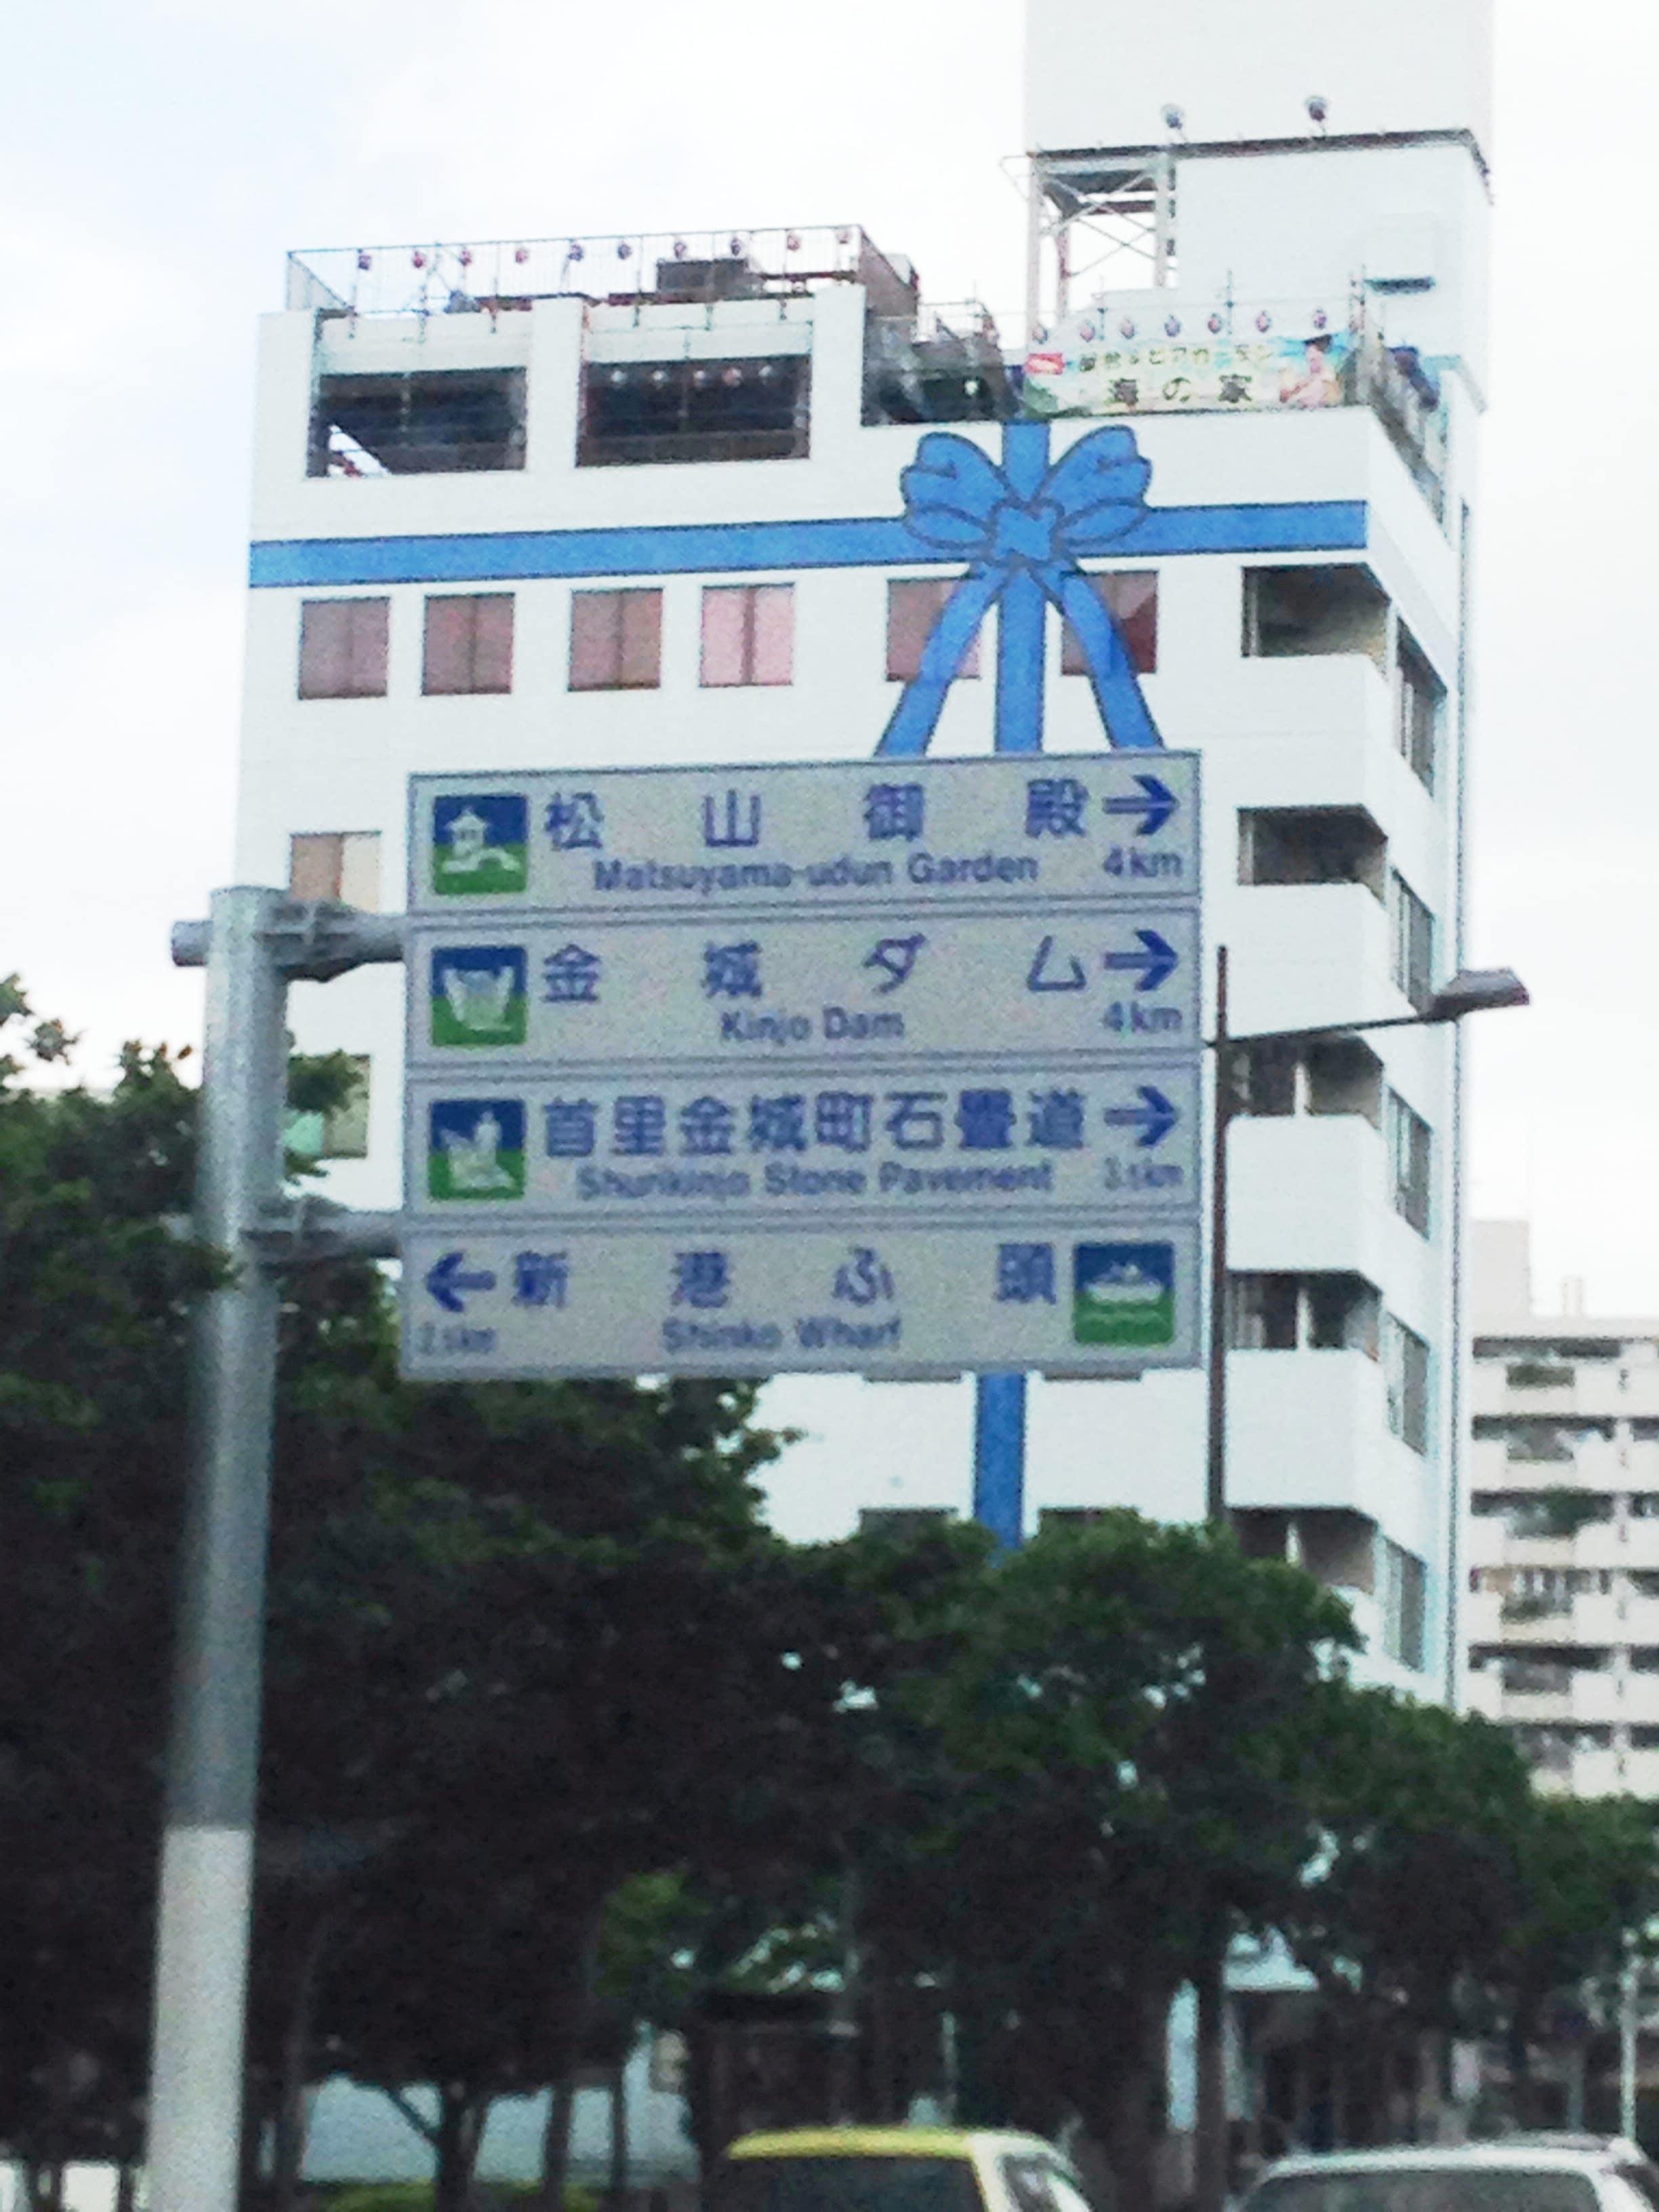 Kinjocho Stone Pavement l Okinawa Hai!